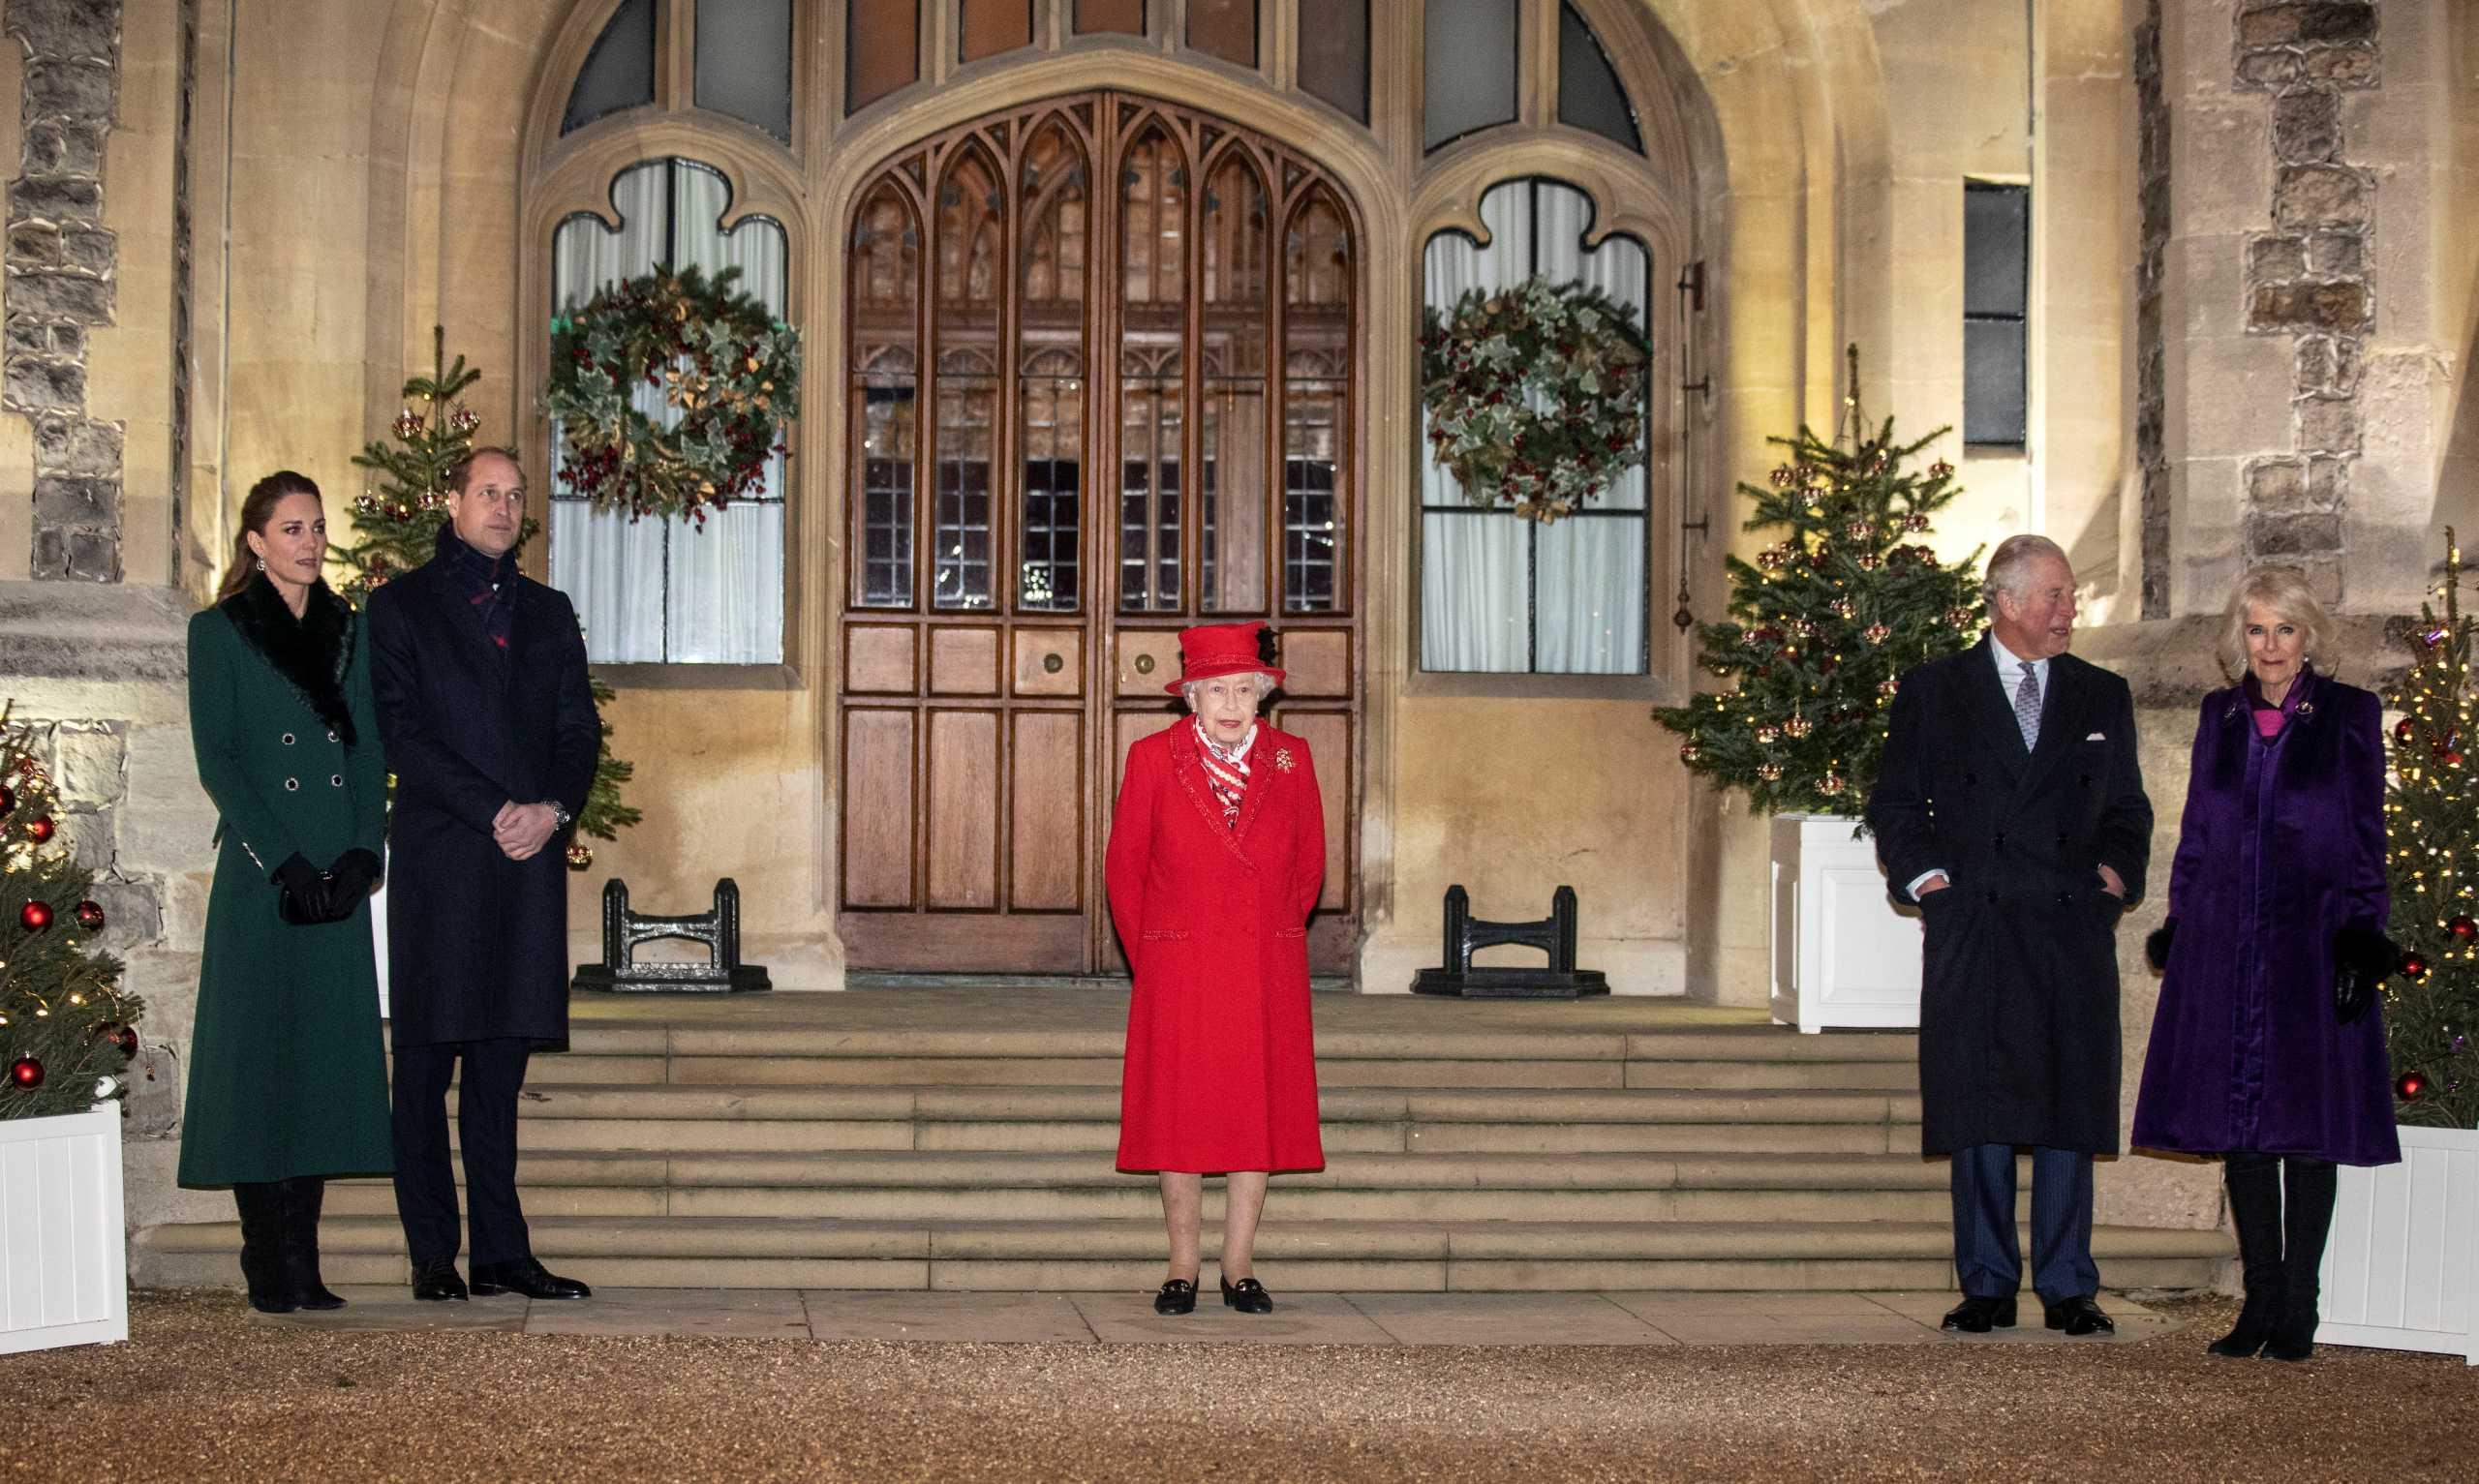 Βρετανία: Χριστουγεννιάτικο reunion για την βασιλική οικογένεια χωρίς τον Φίλιππο (pics)